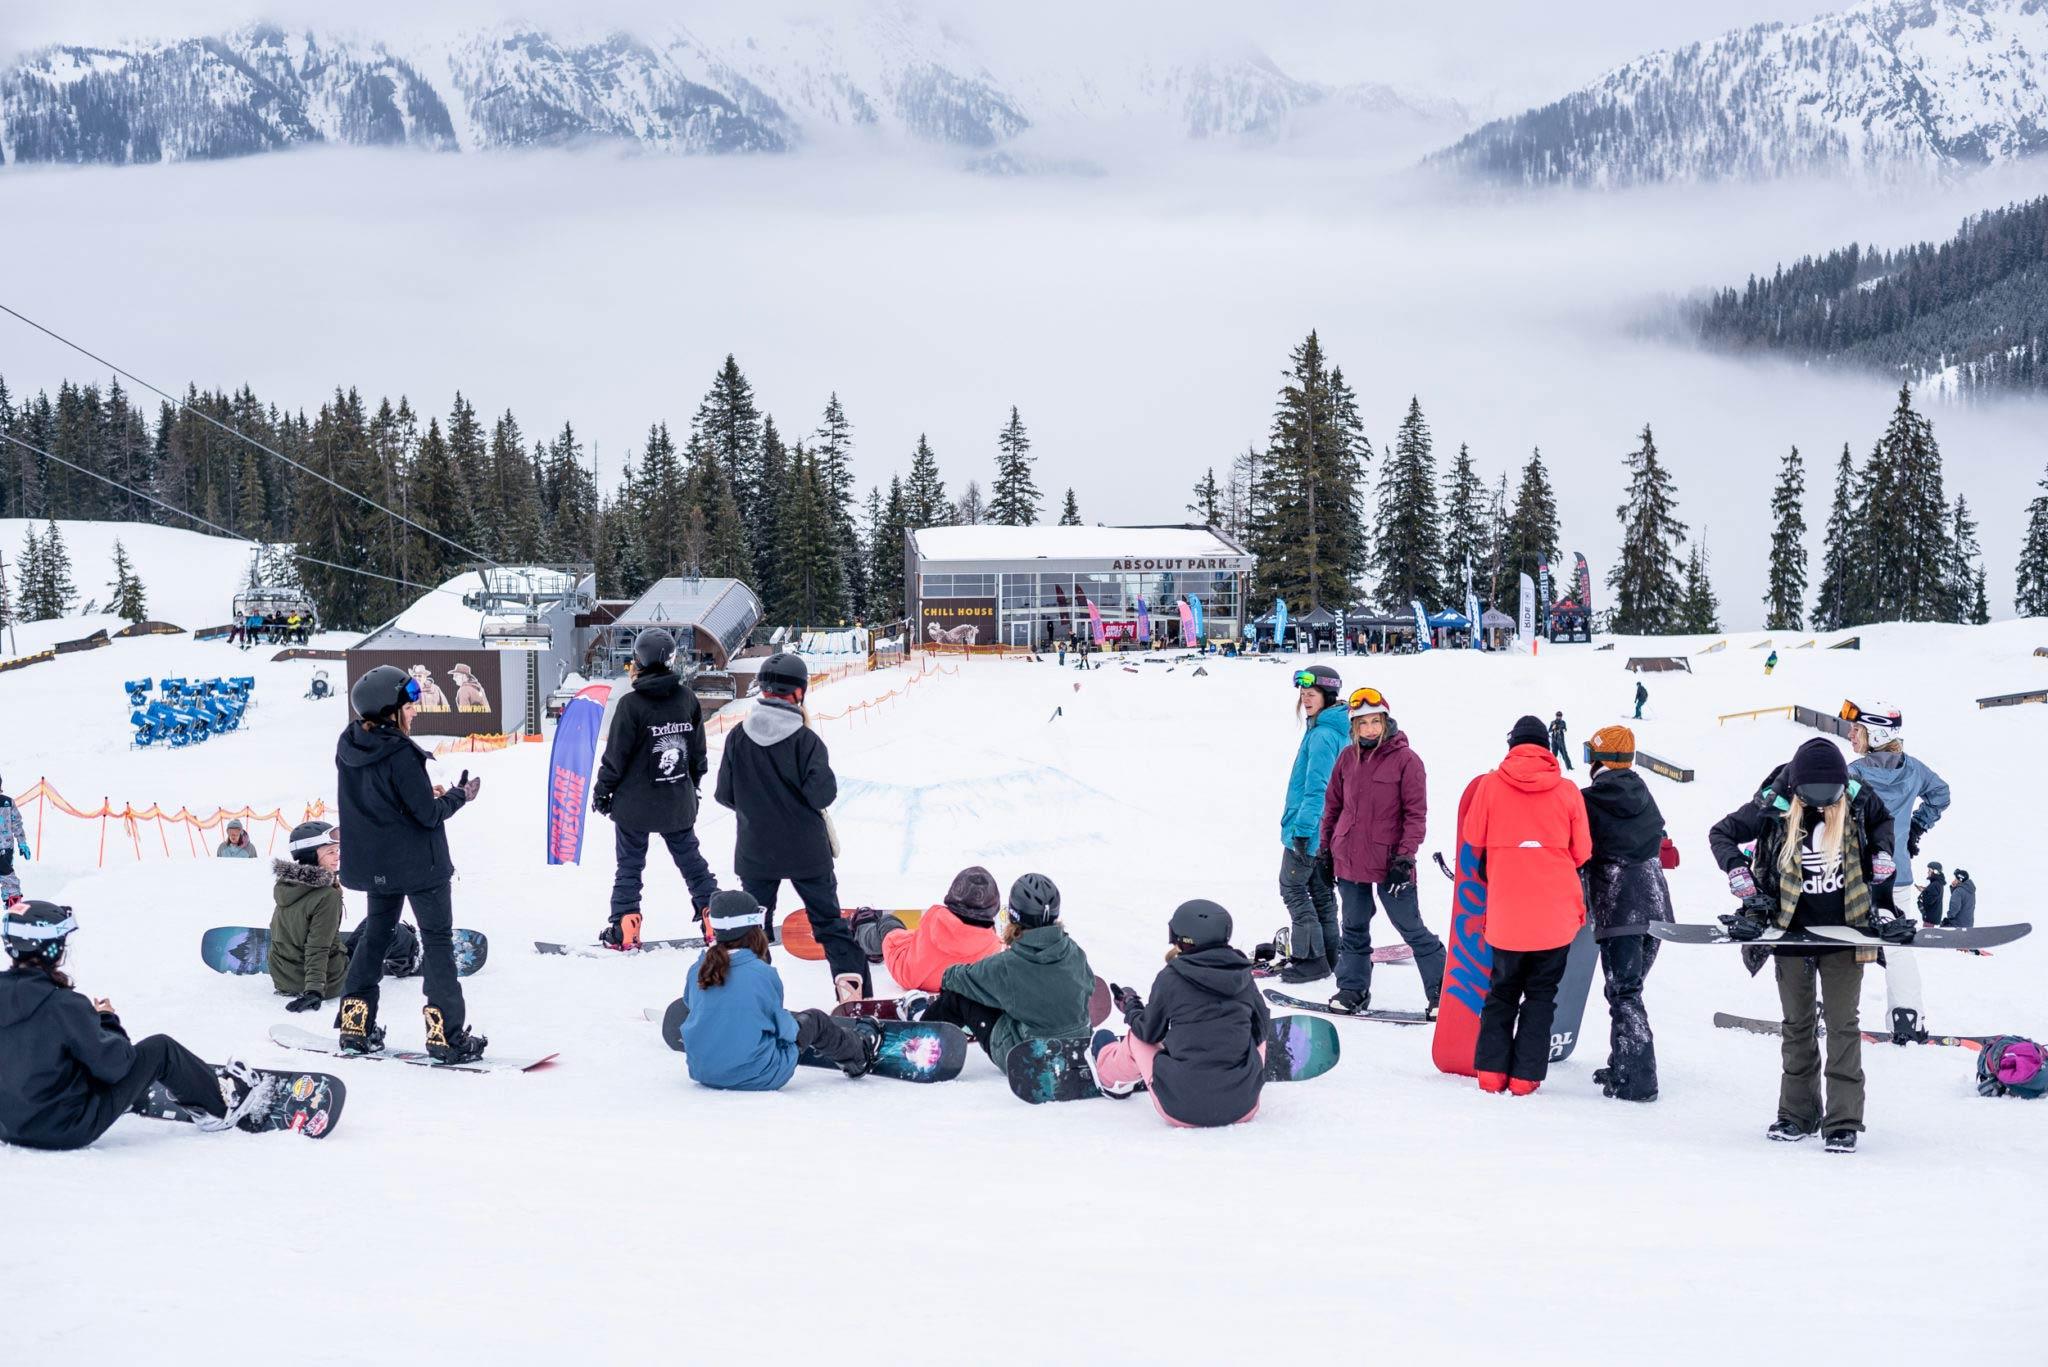 Bei den Slay Days gibt es sowohl Aktivitäten auf dem Schnee (Patscherkofel) als auch in der City von Innsbruck. - Foto: Miriam Lottes